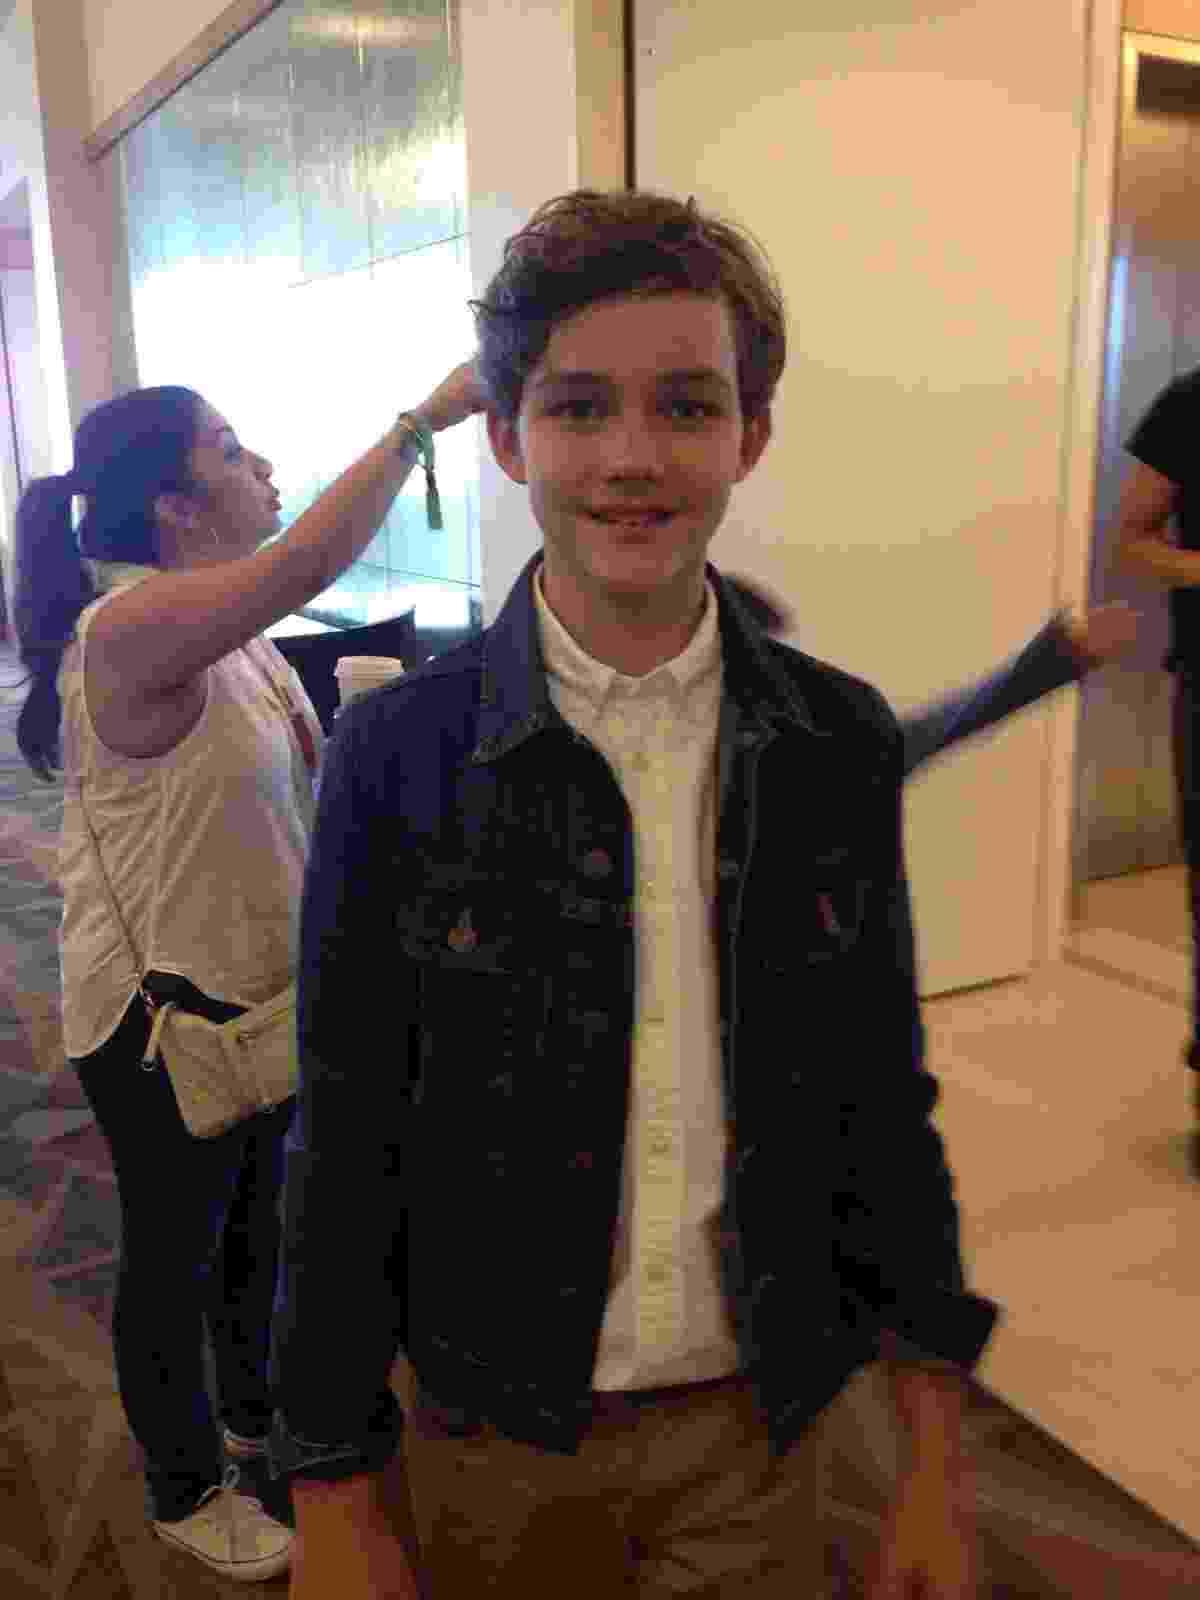 11.jul.2015 - Levi Miller, que viverá Peter Pan em nova adaptação, participa da San Diego Comic-Con - James Cimino/UOL